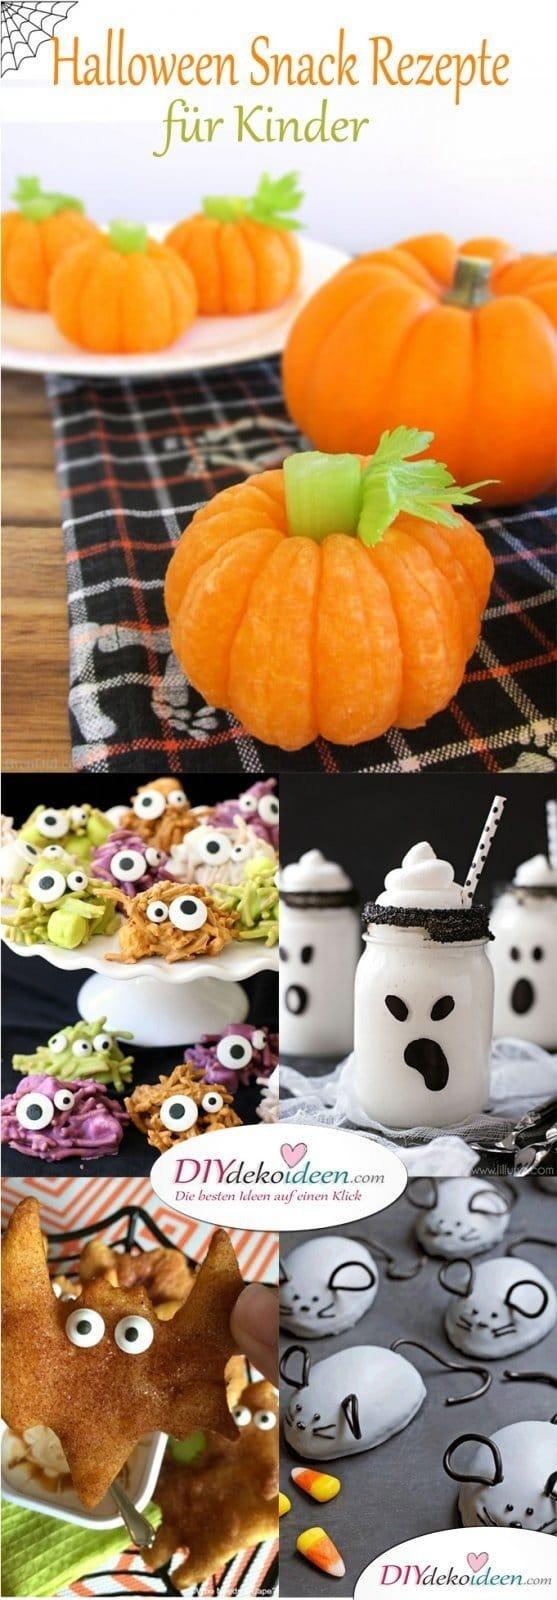 Einfache Halloween Snack Rezepte für Kinder